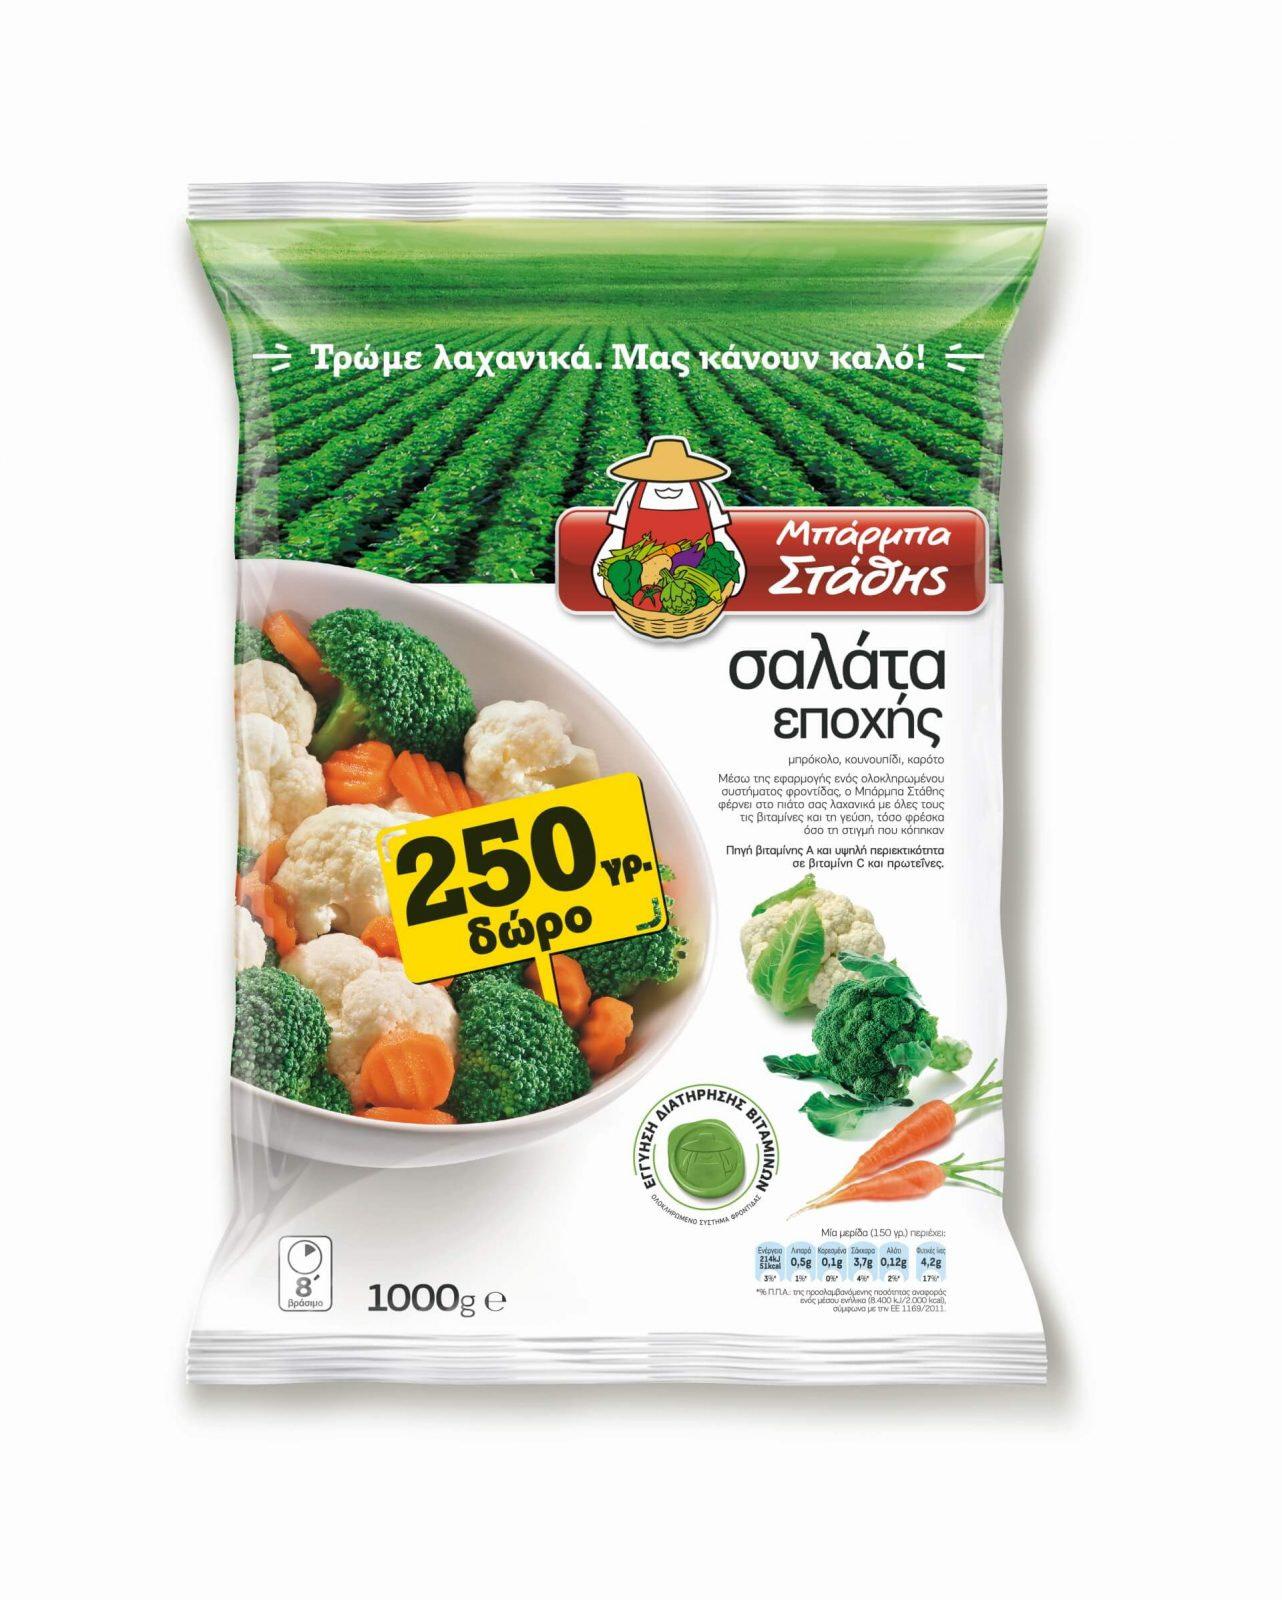 salata epoxis 750g250g doro